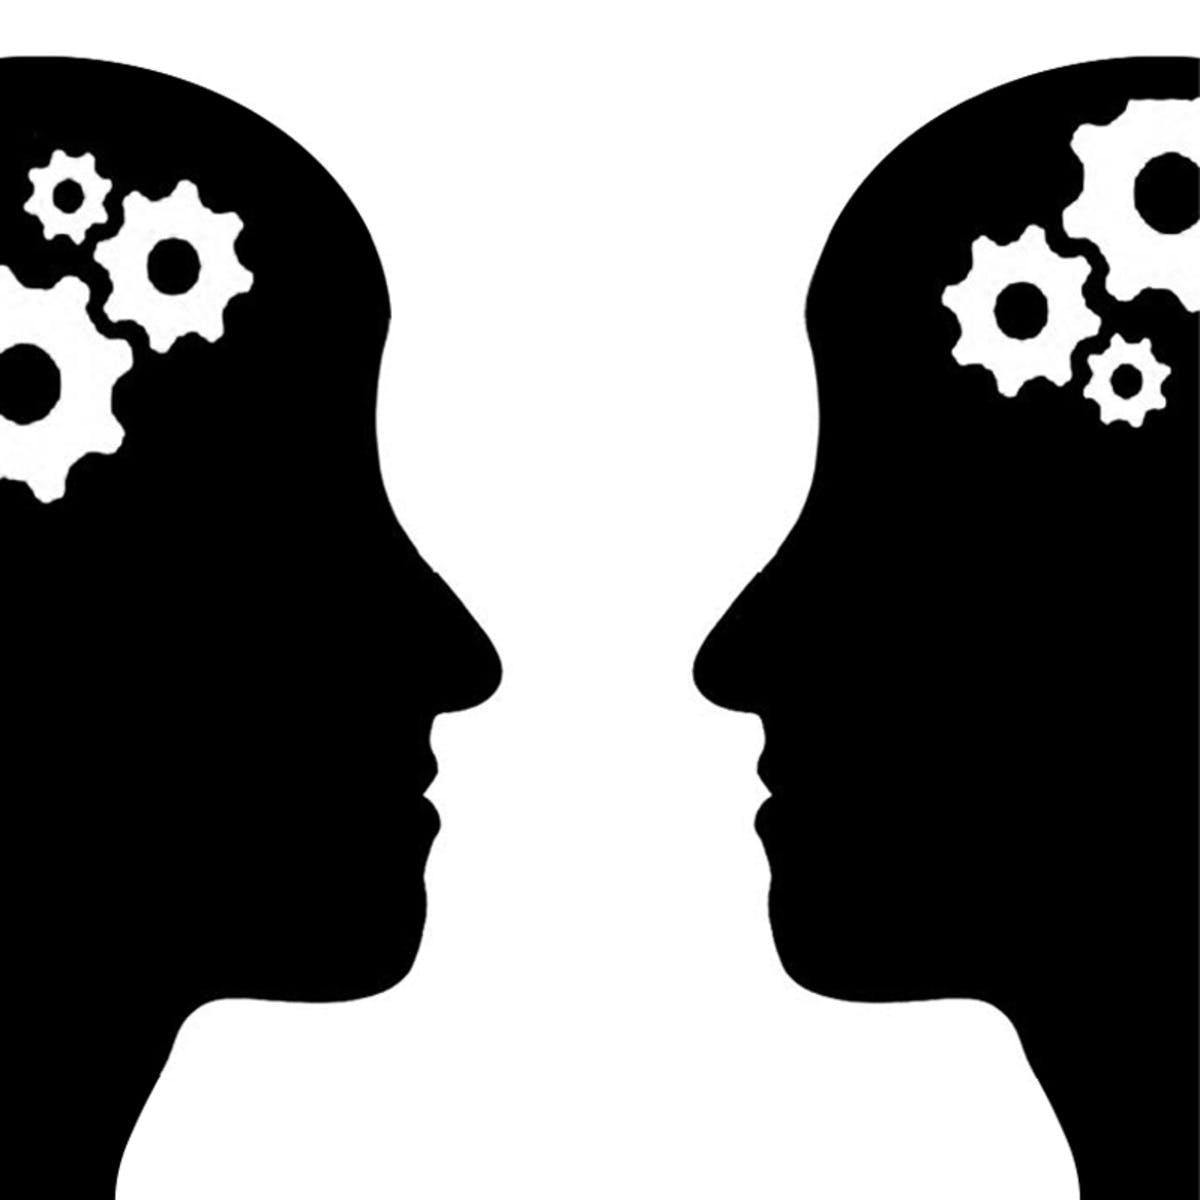 Психология сознания (Psychology of consciousness)